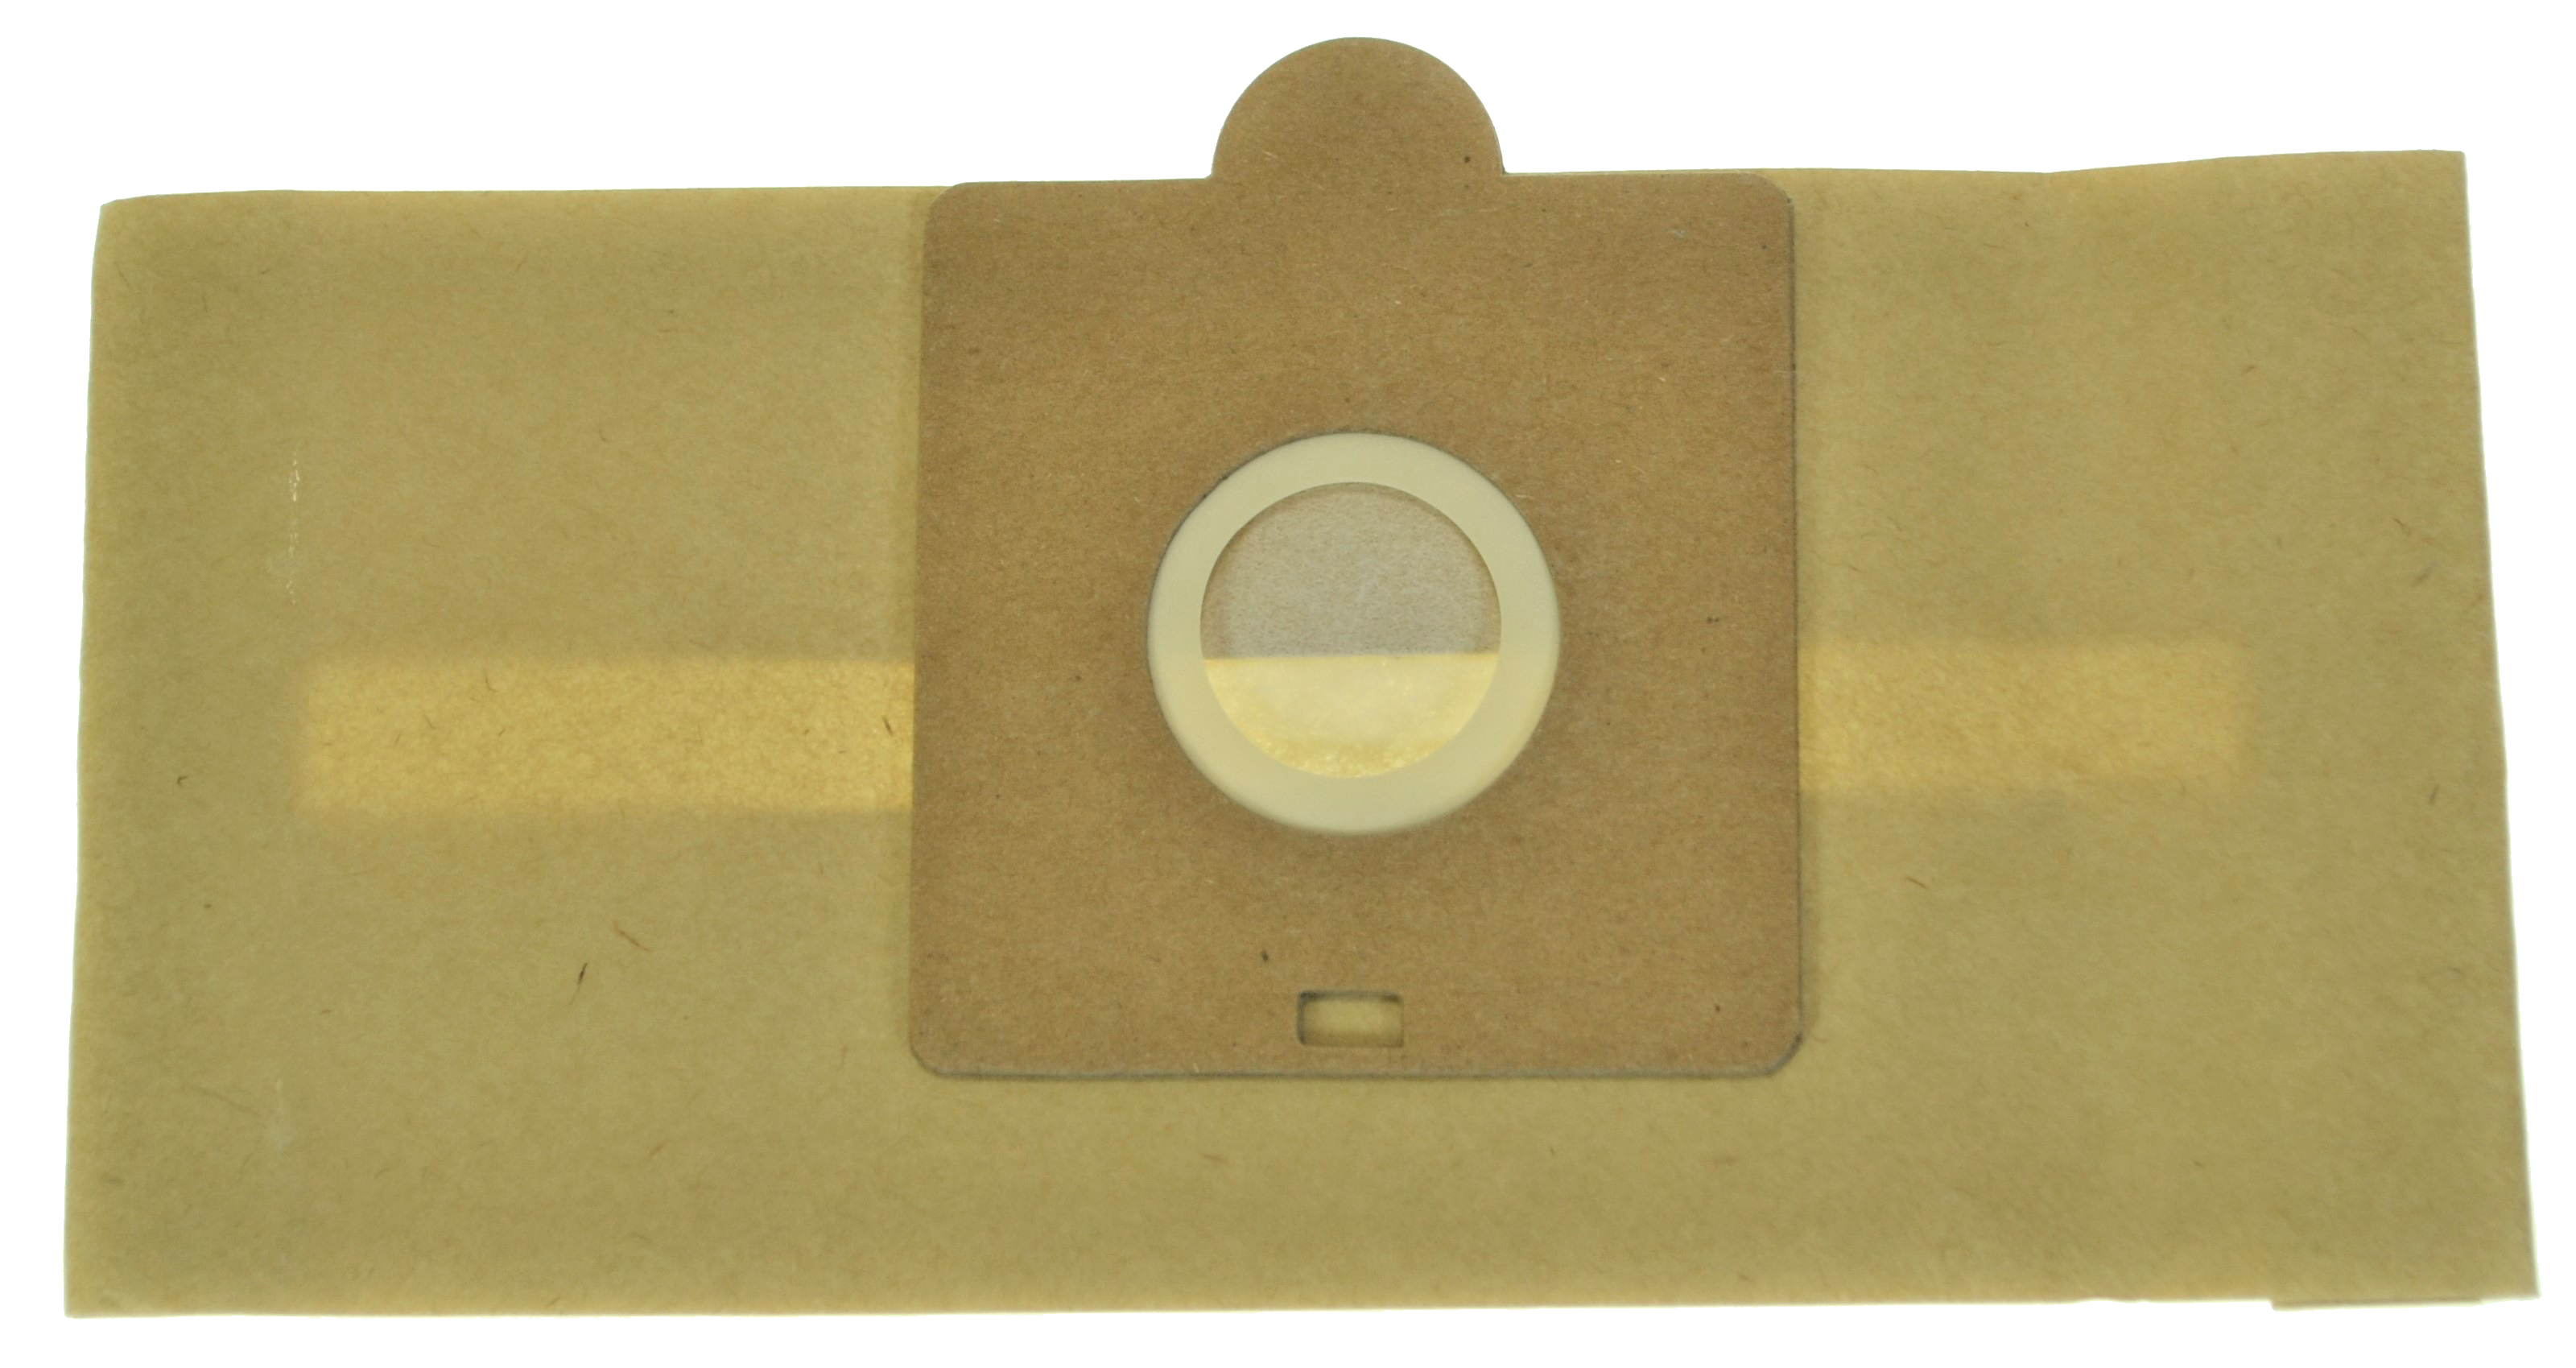 Russell Hobbs Power Clean Pets Series Paper Bags (Pack Of 5) 15128